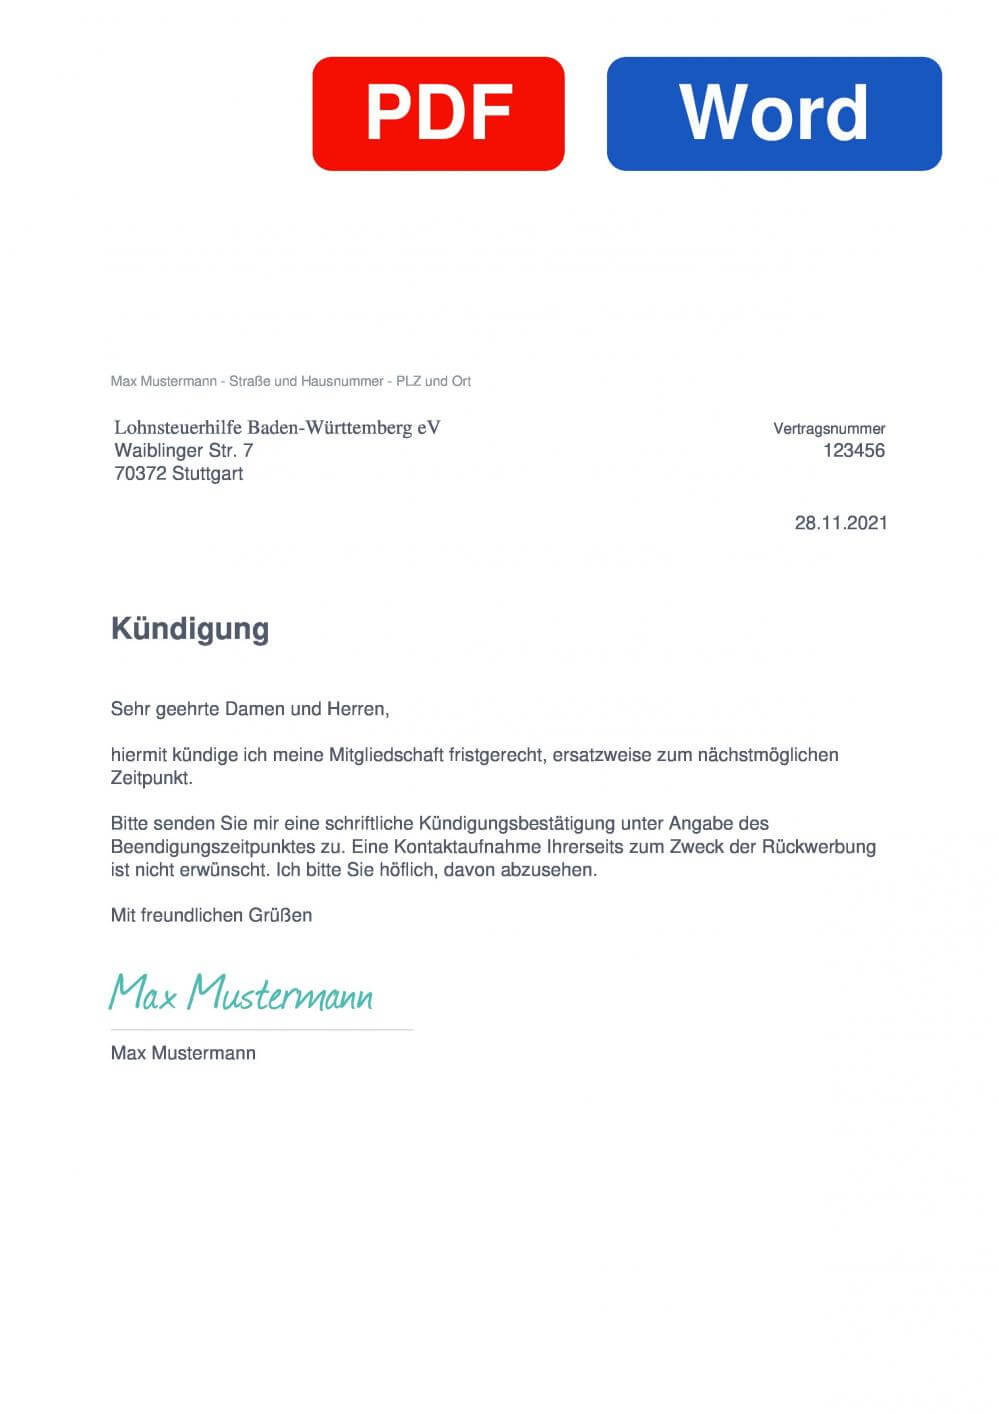 Lohnsteuerhilfe Baden-Württemberg Muster Vorlage für Kündigungsschreiben